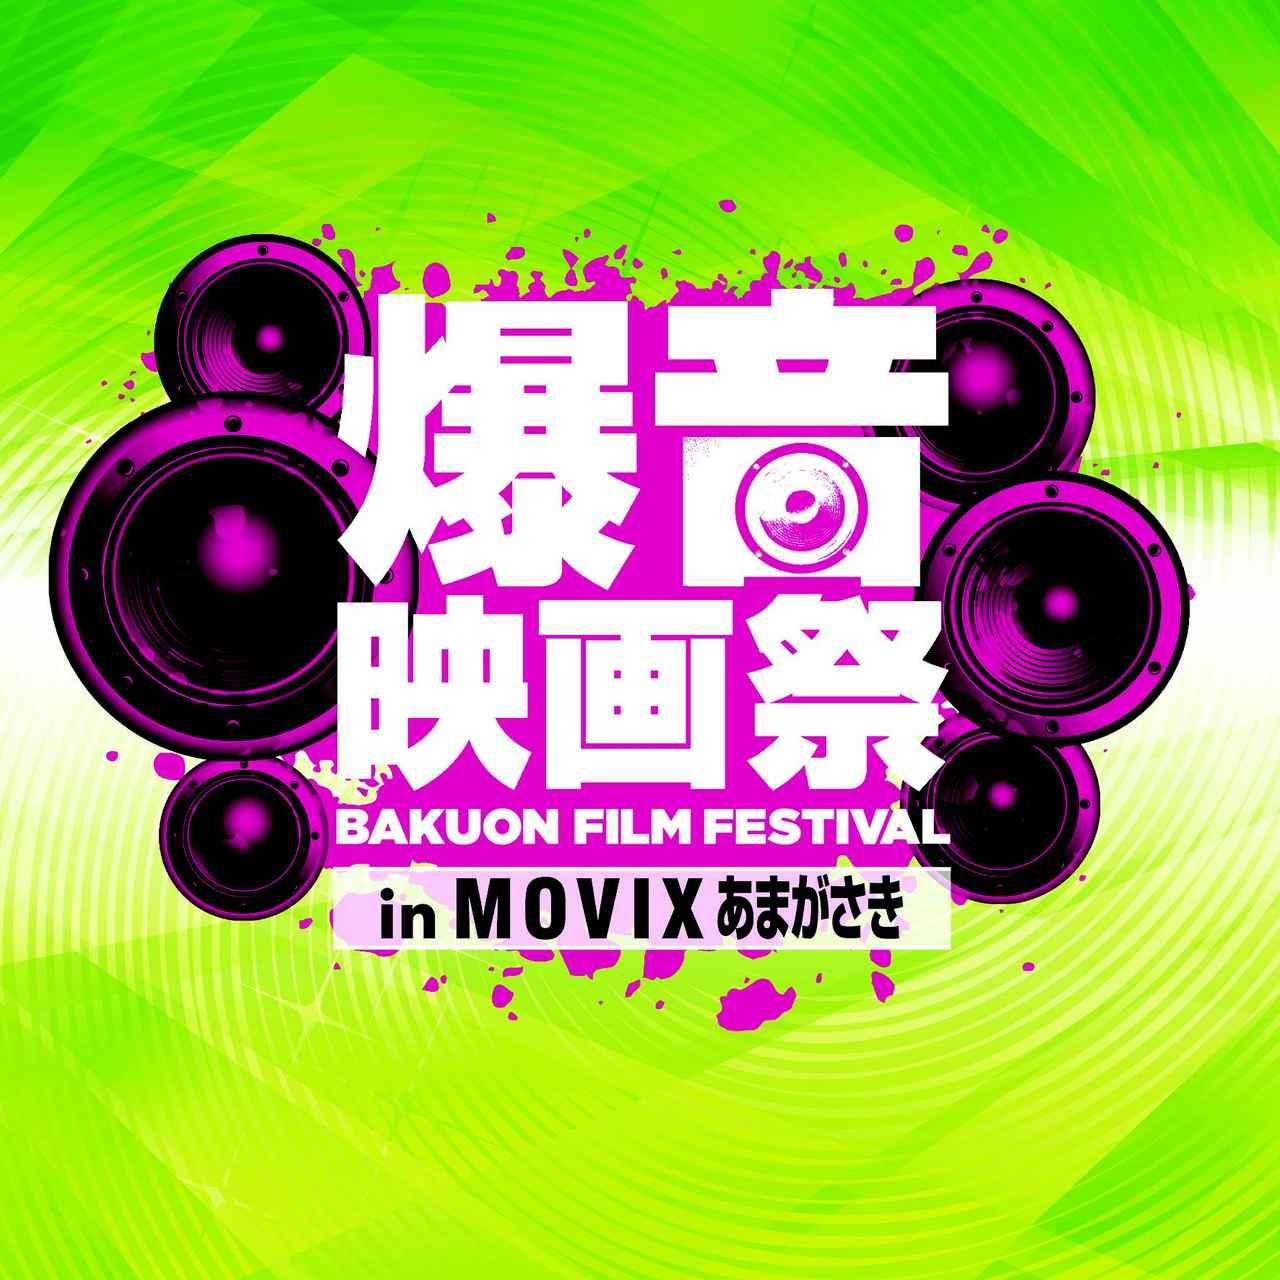 画像: 最新作も上映「爆音映画祭in MOVIXあまがさき」初開催決定!